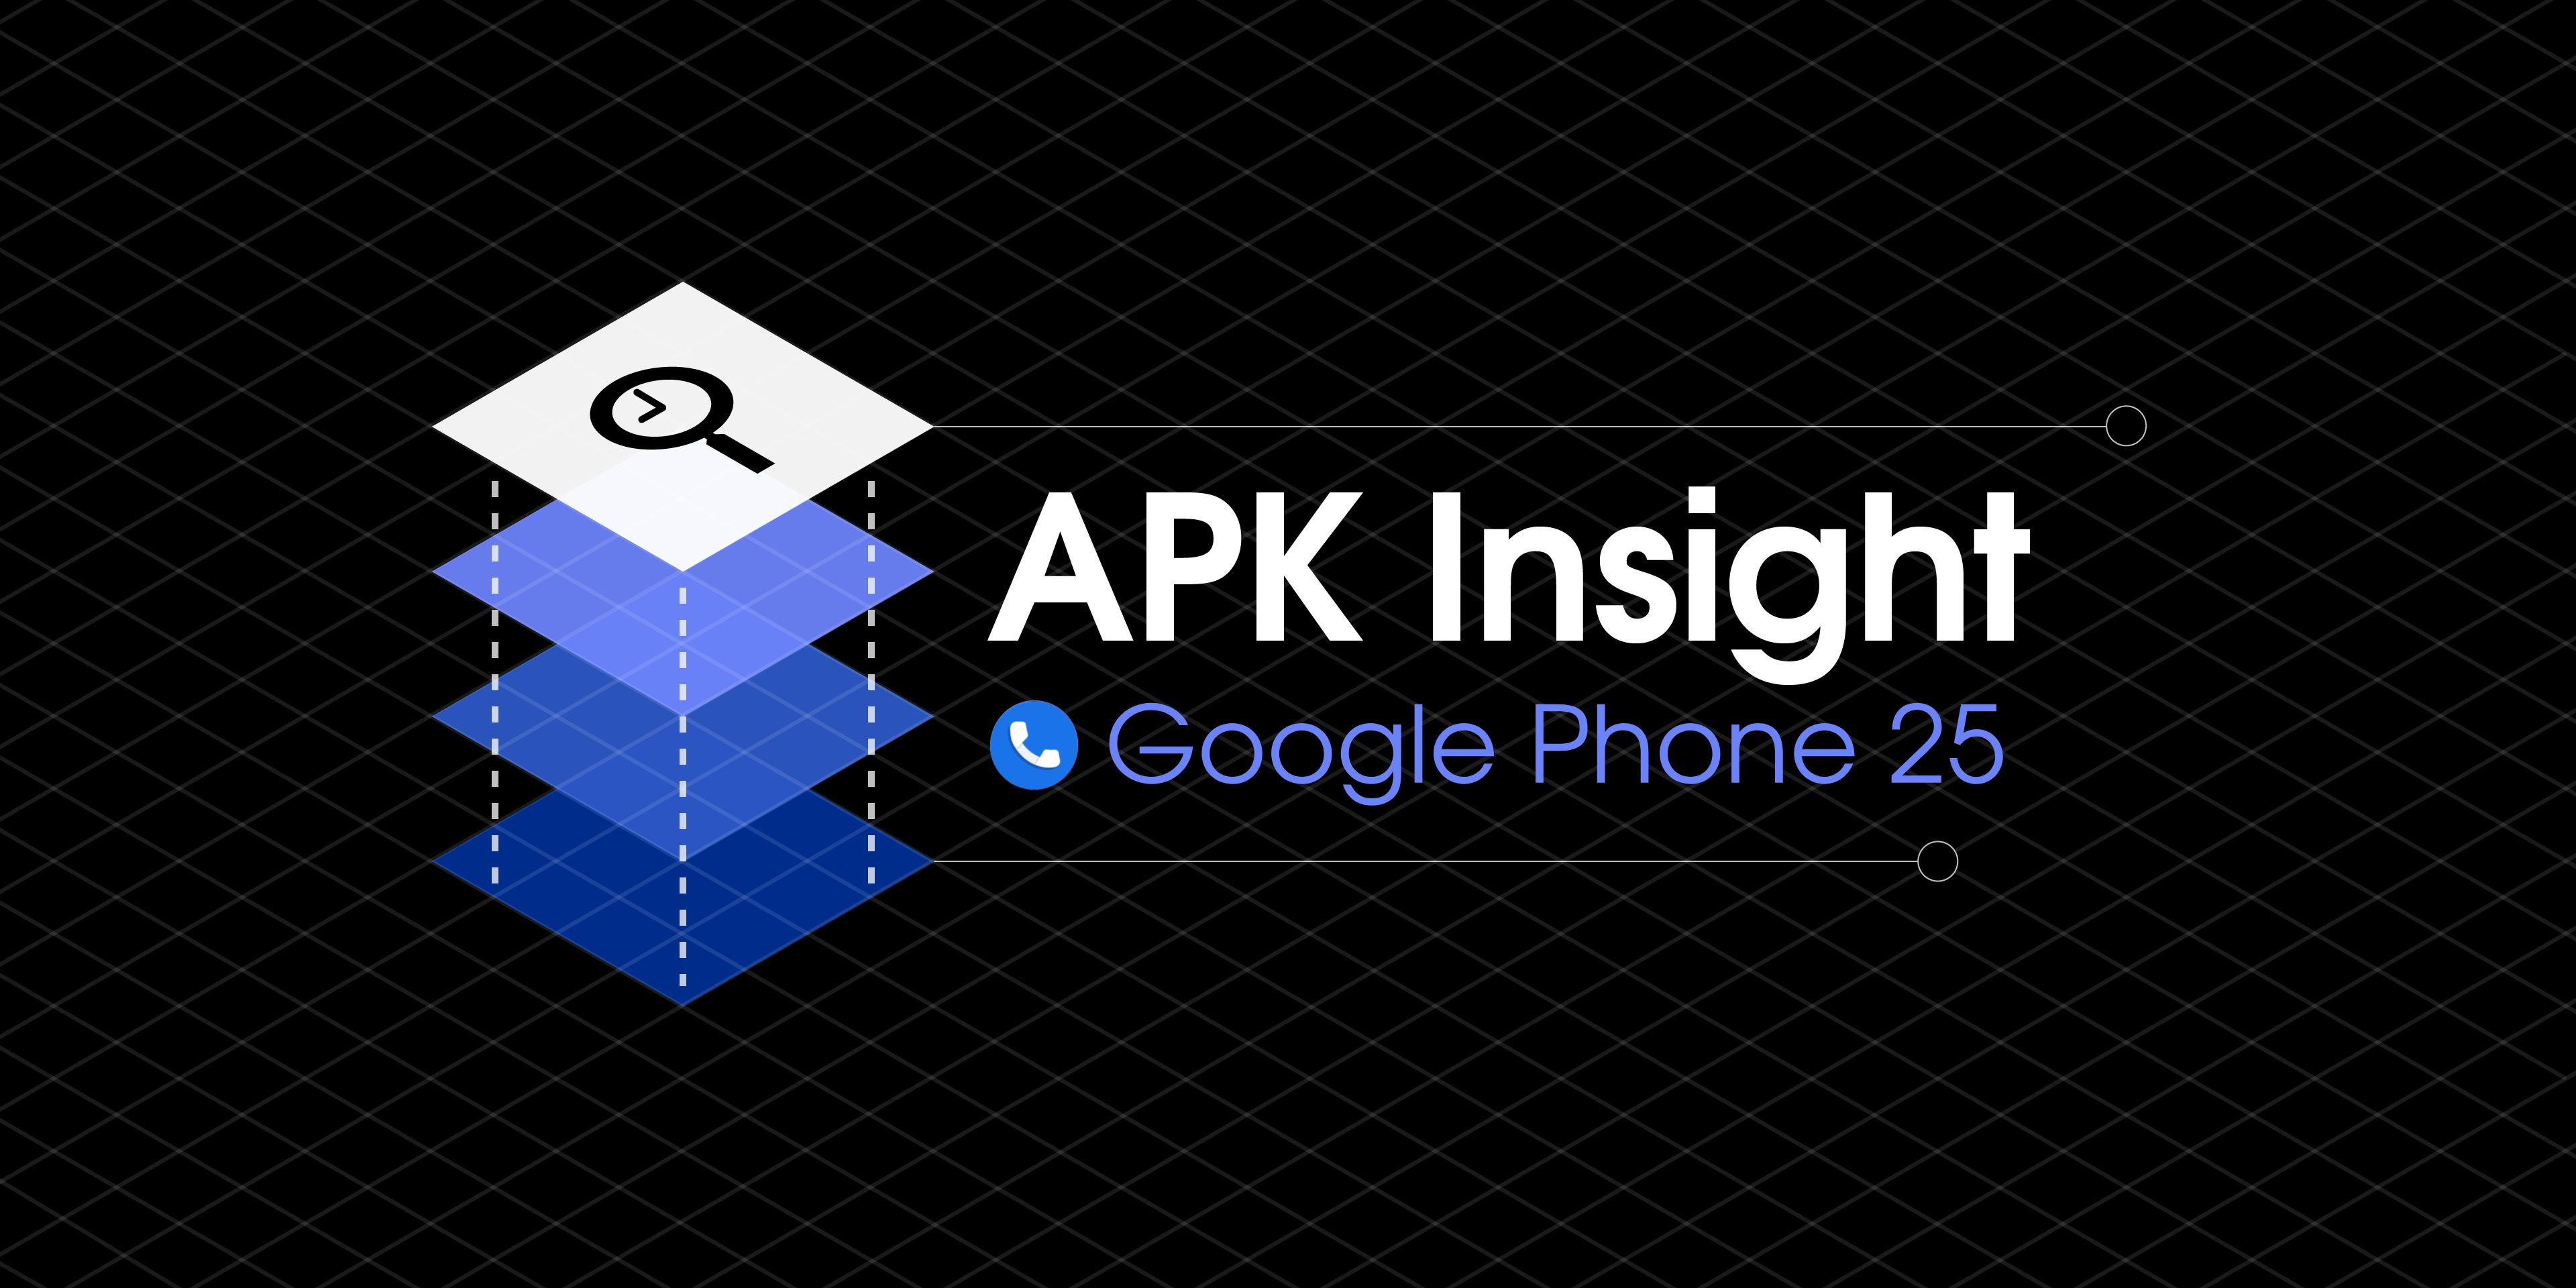 Google Phone 25 bereitet ein dunkles Theme vor, das mit Kontakten synchronisiert wird, die blockierte Nummern teilen [APK Insight]